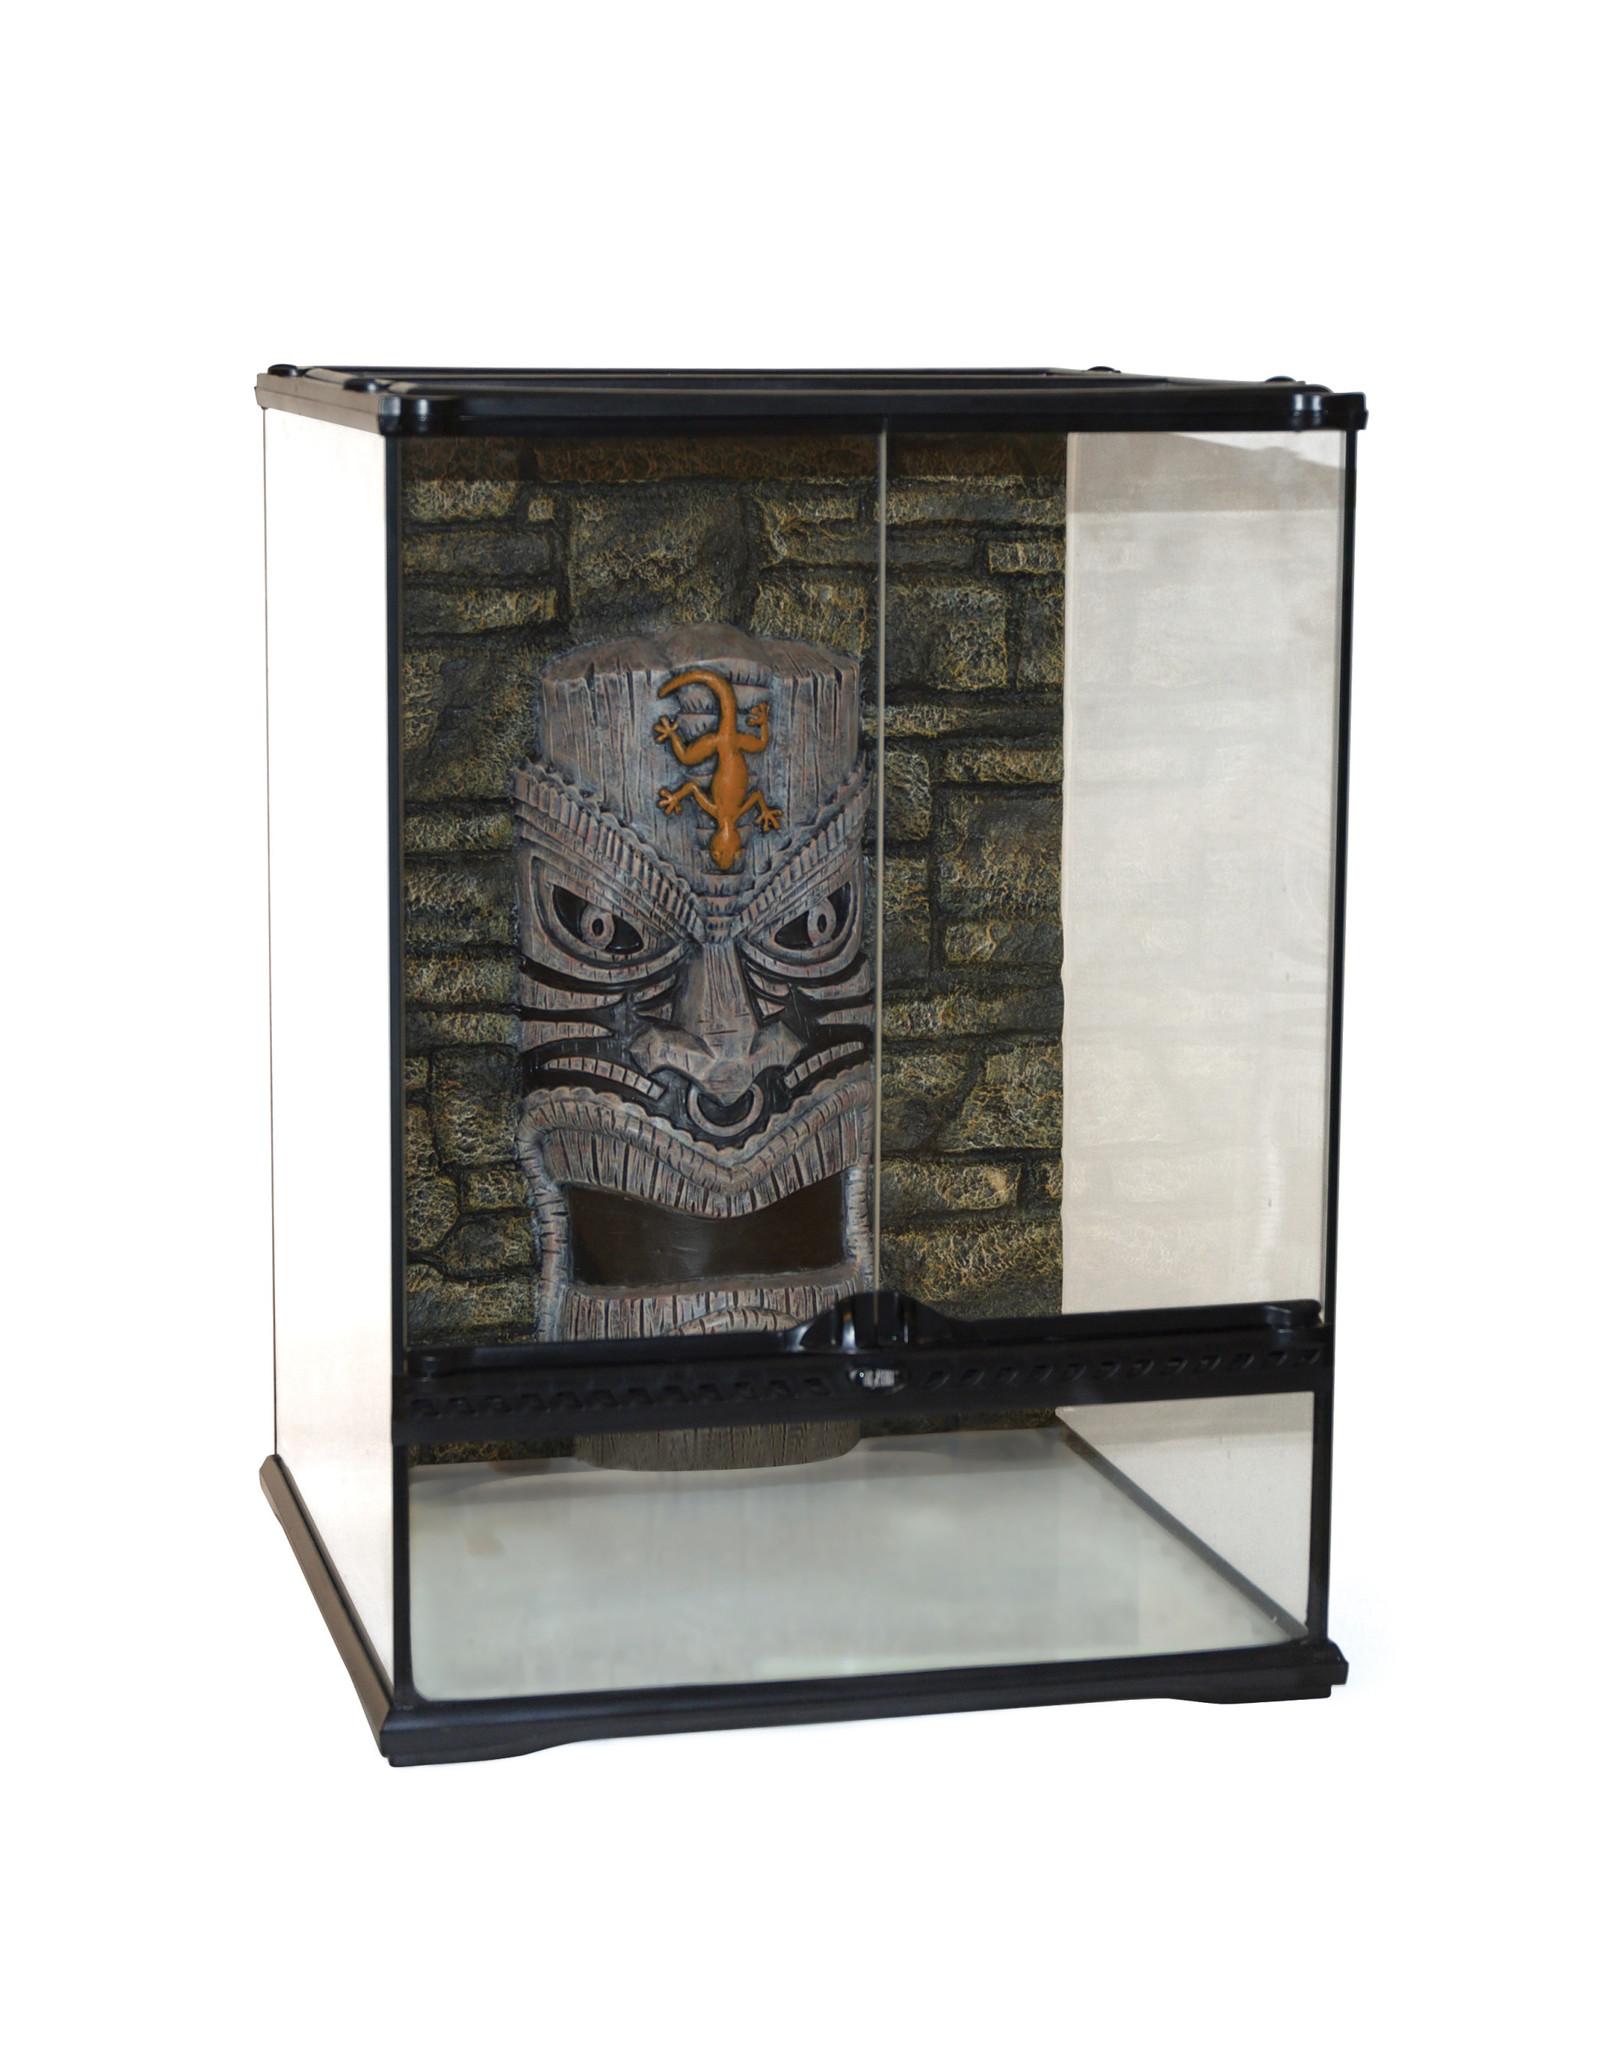 Exo Terra Tiki Small Tall Terrarium - 45 x 45 x 60 cm (18 x 18 x 24 in)